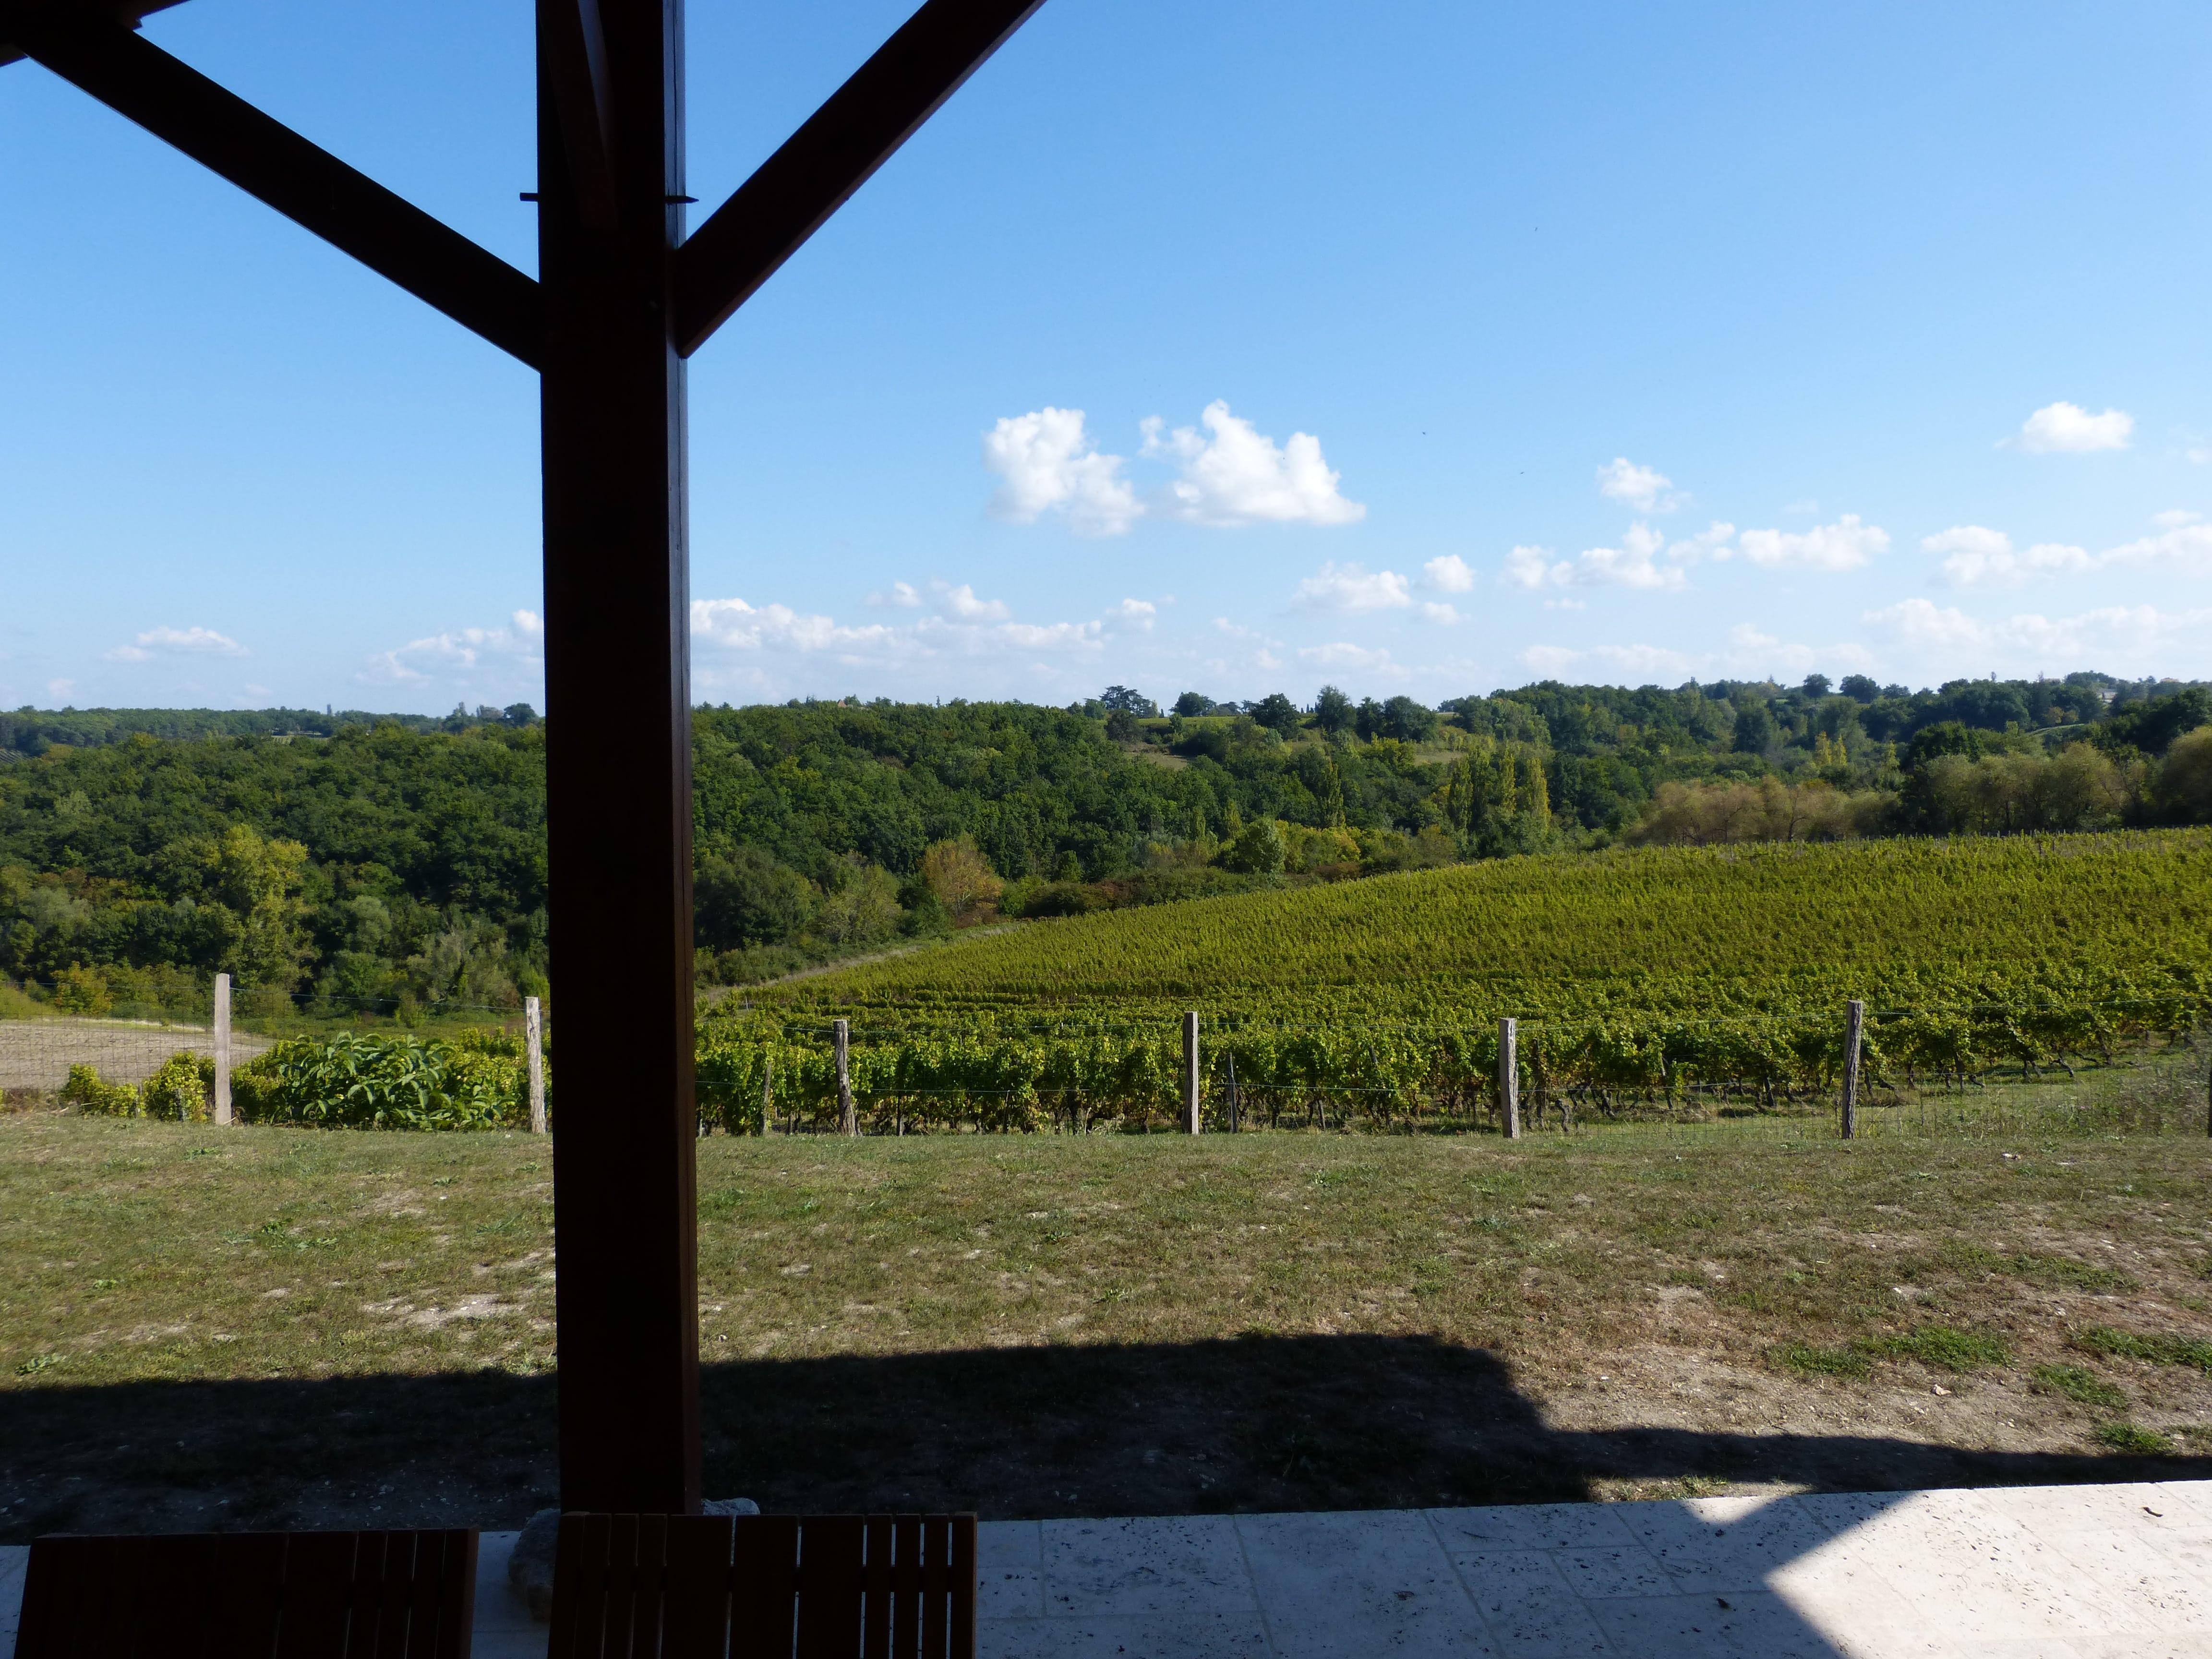 vue sur vignobles depuis terrasse